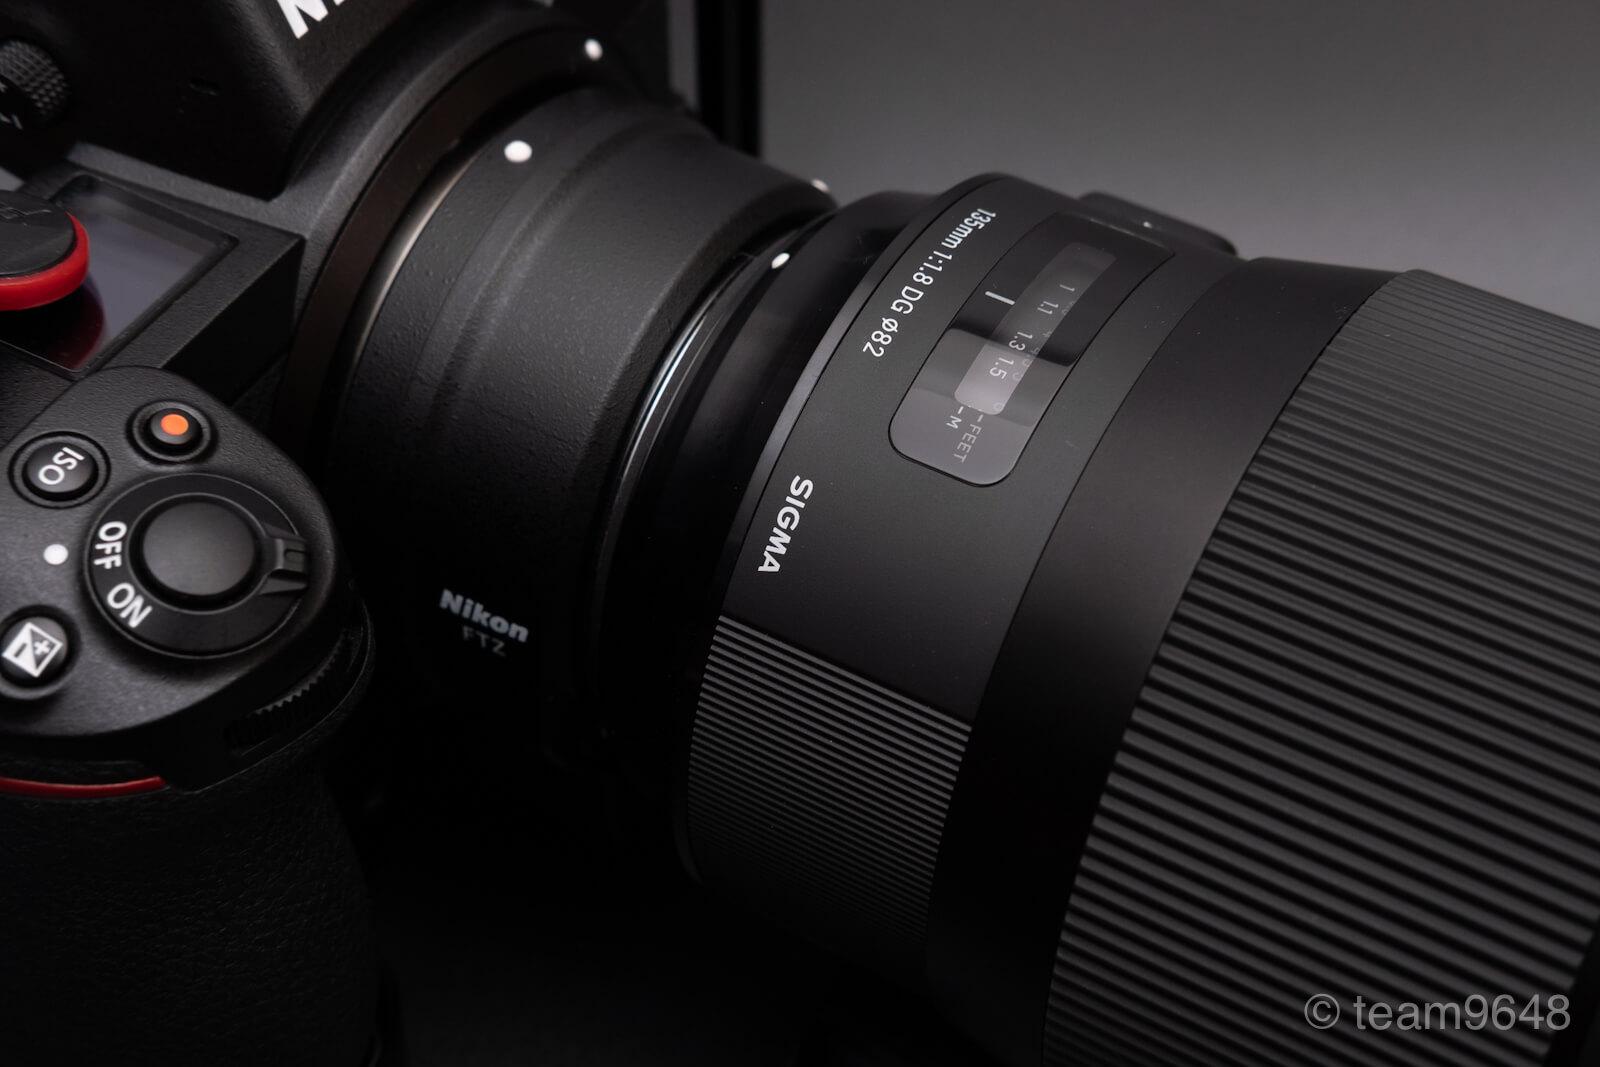 【レビュー】SIGMA 135mm F1.8 DG HSMはそのサイズ感を受け入れてでも持ち出したくなる魅力のあるレンズ